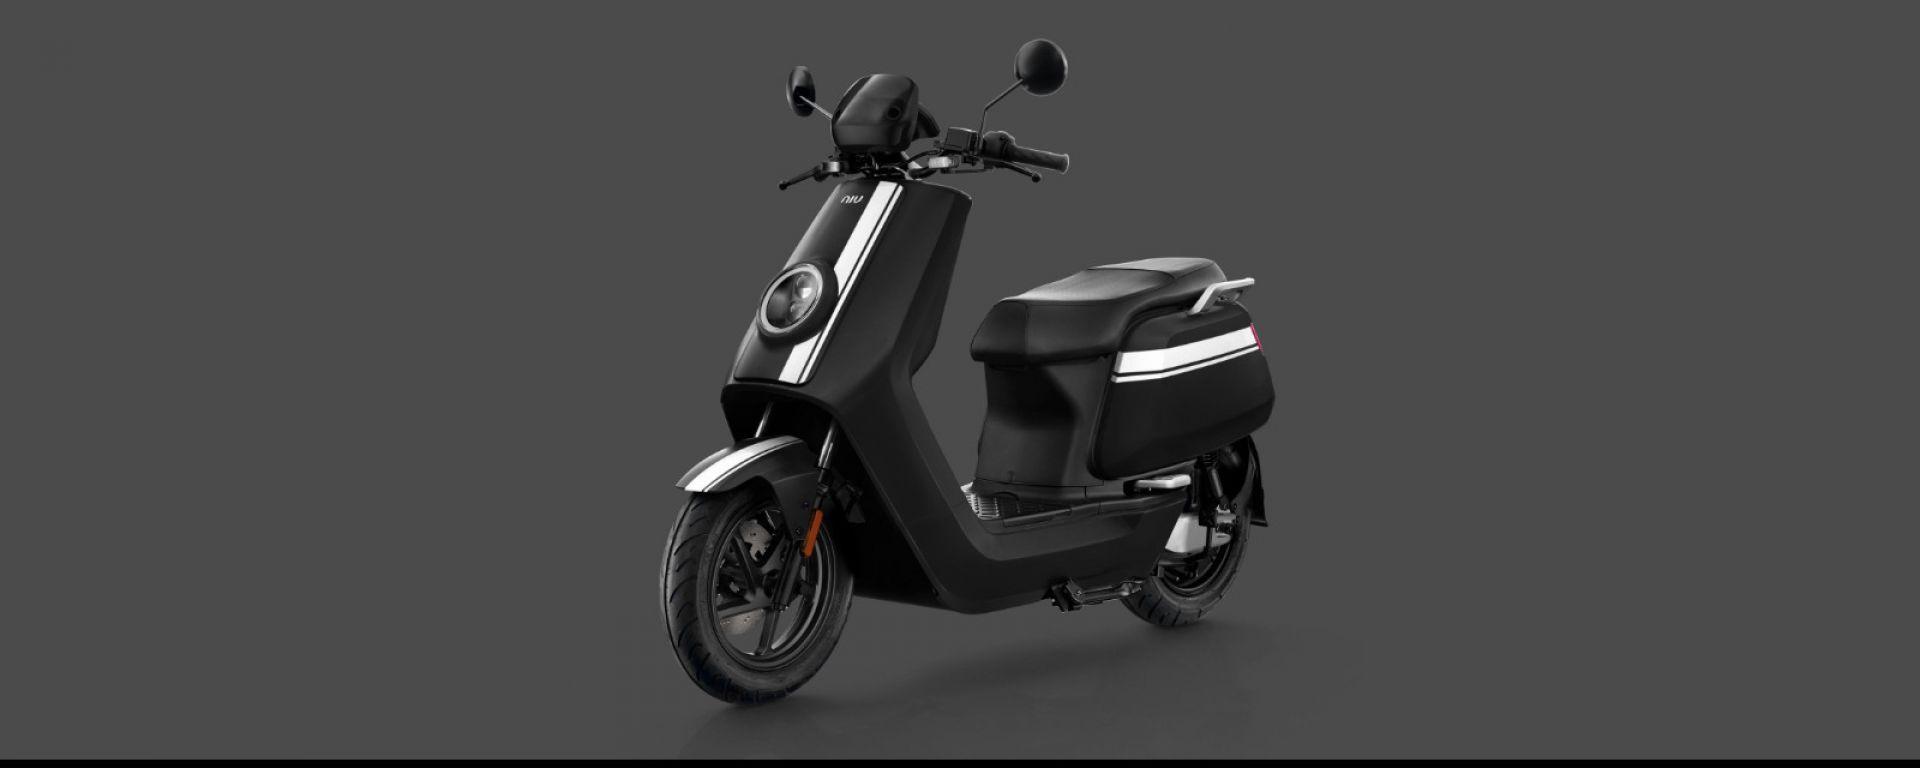 Niu NQi GTS 2020 nella colorazione nera e bianca